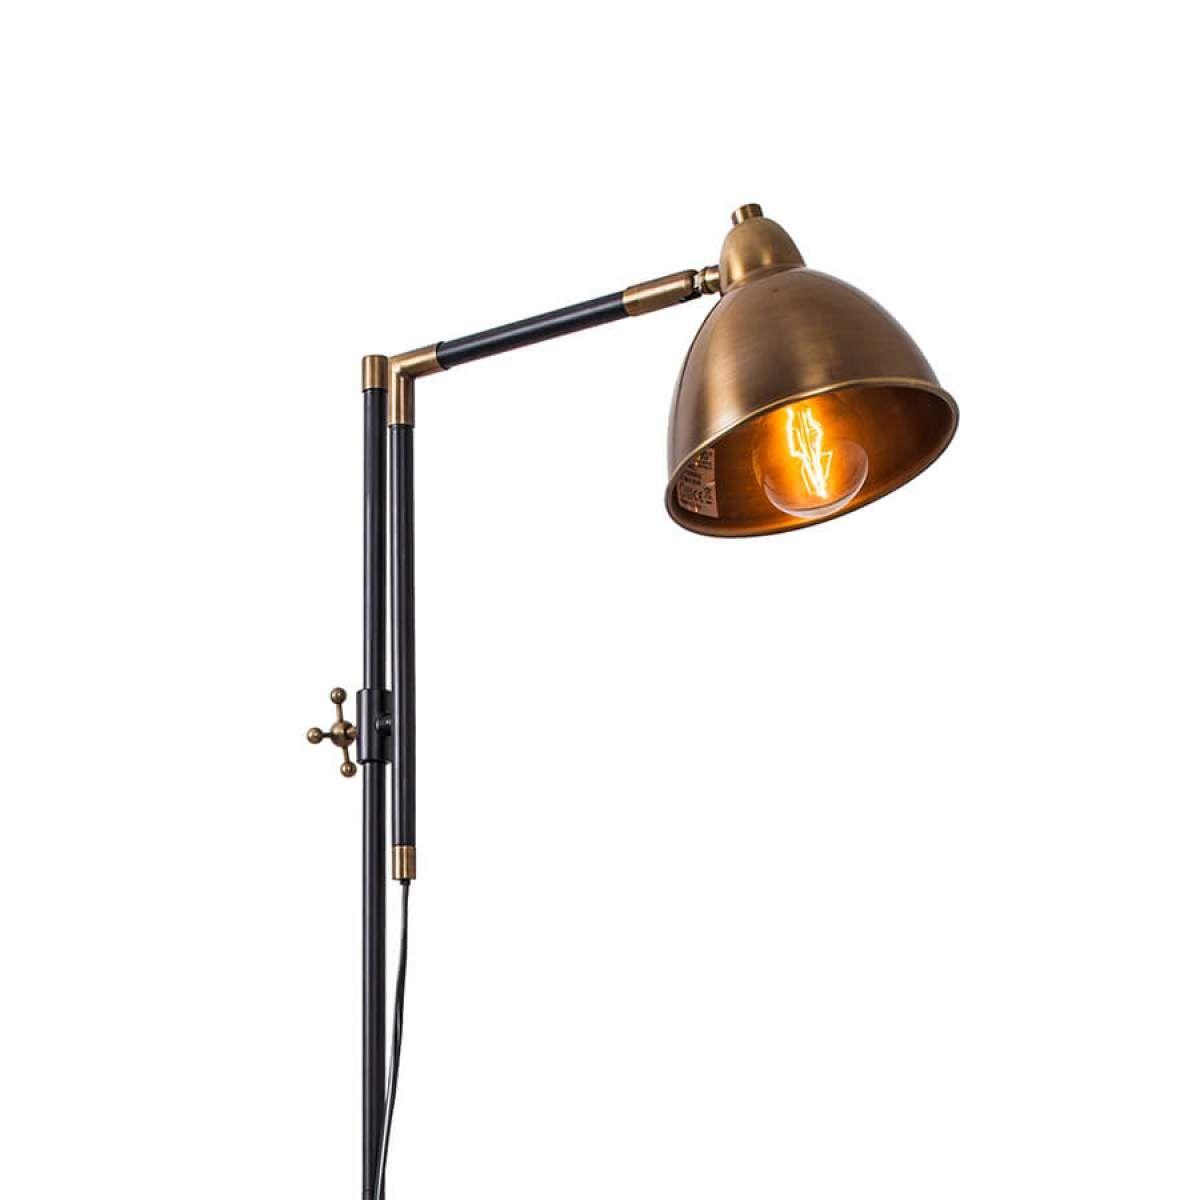 Stehlampe Brauner Schirm Stehlampe Mit Mehreren Schirmen